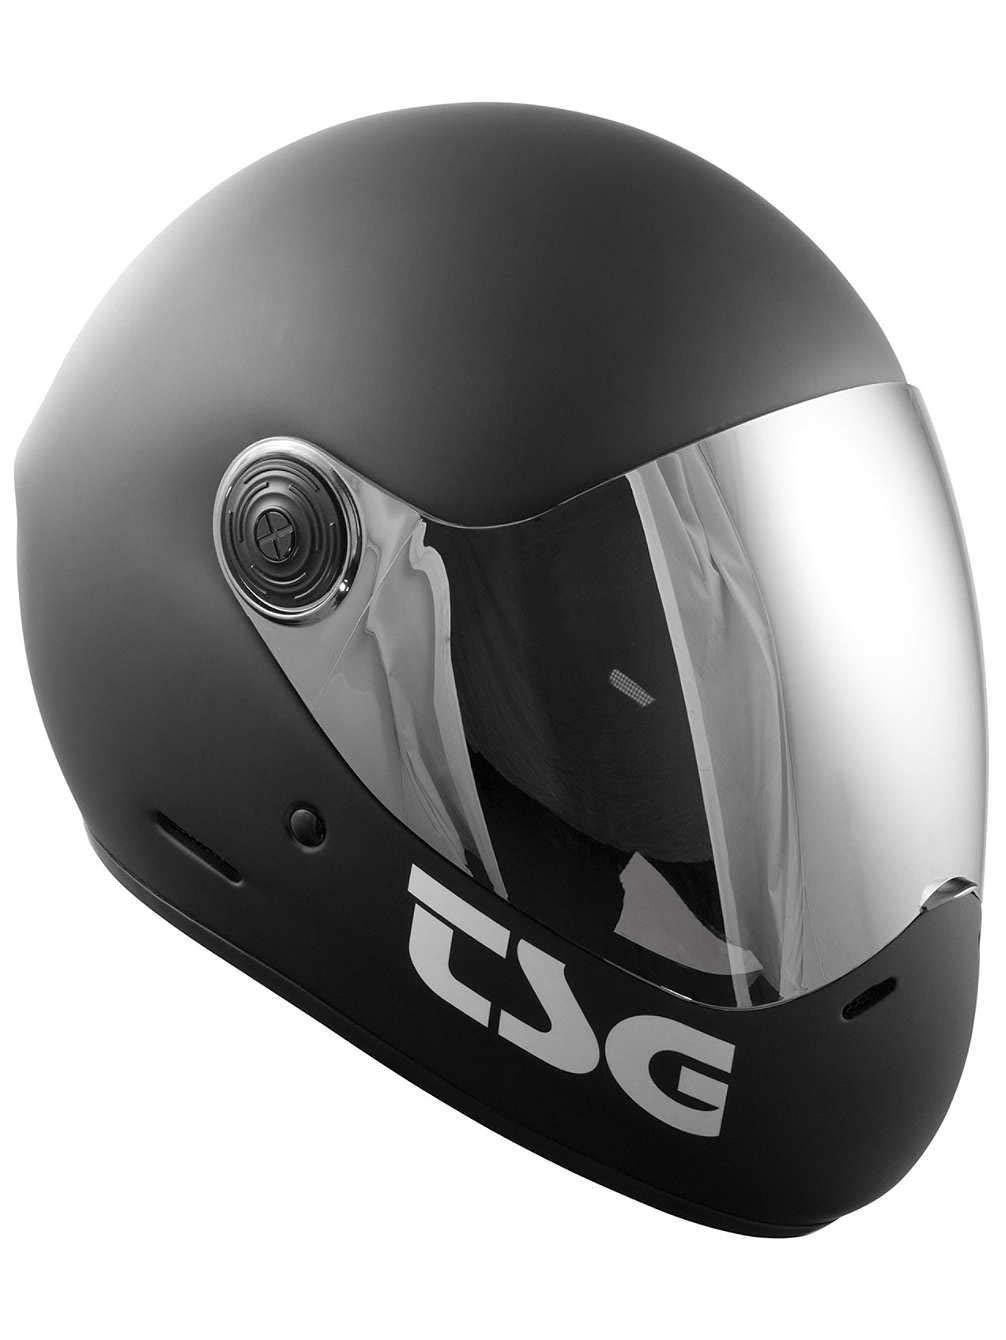 TSG - Pass Solid Color (+ Bonus Visor) - Helmet for Skateboard (Matt Black, XL) by TSG (Image #1)